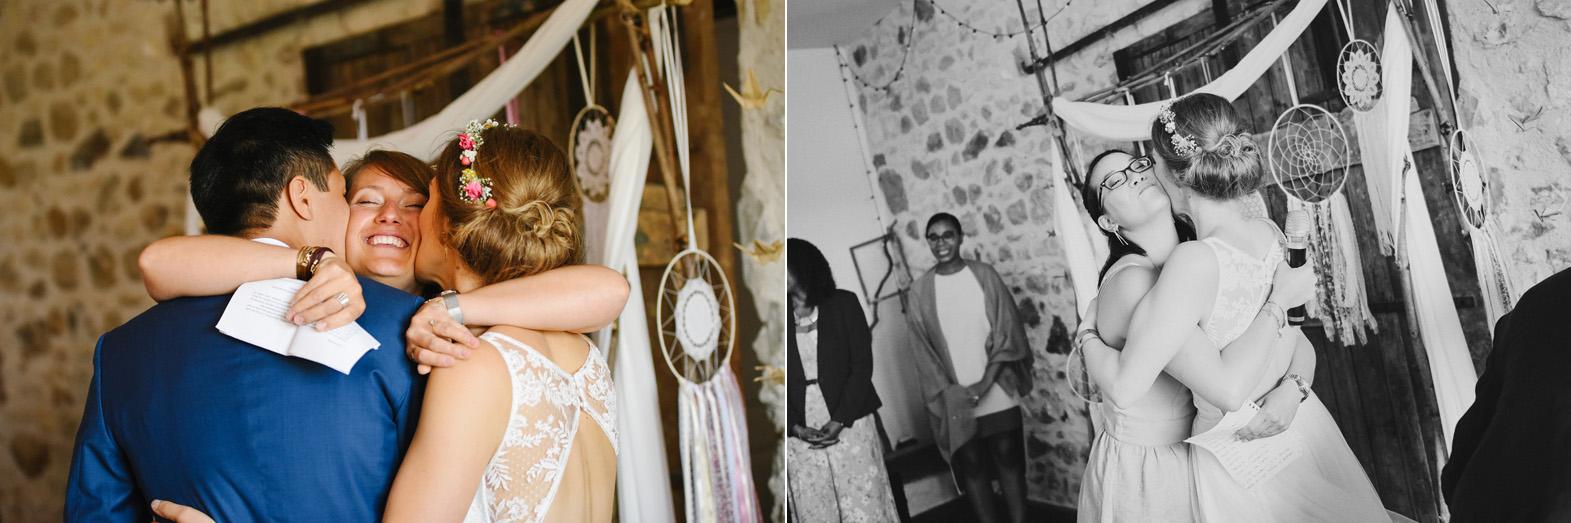 mariage_LW_domaine de la Pepiniere_seine-et-marne_77_photographie_clemence_dubois MEP21